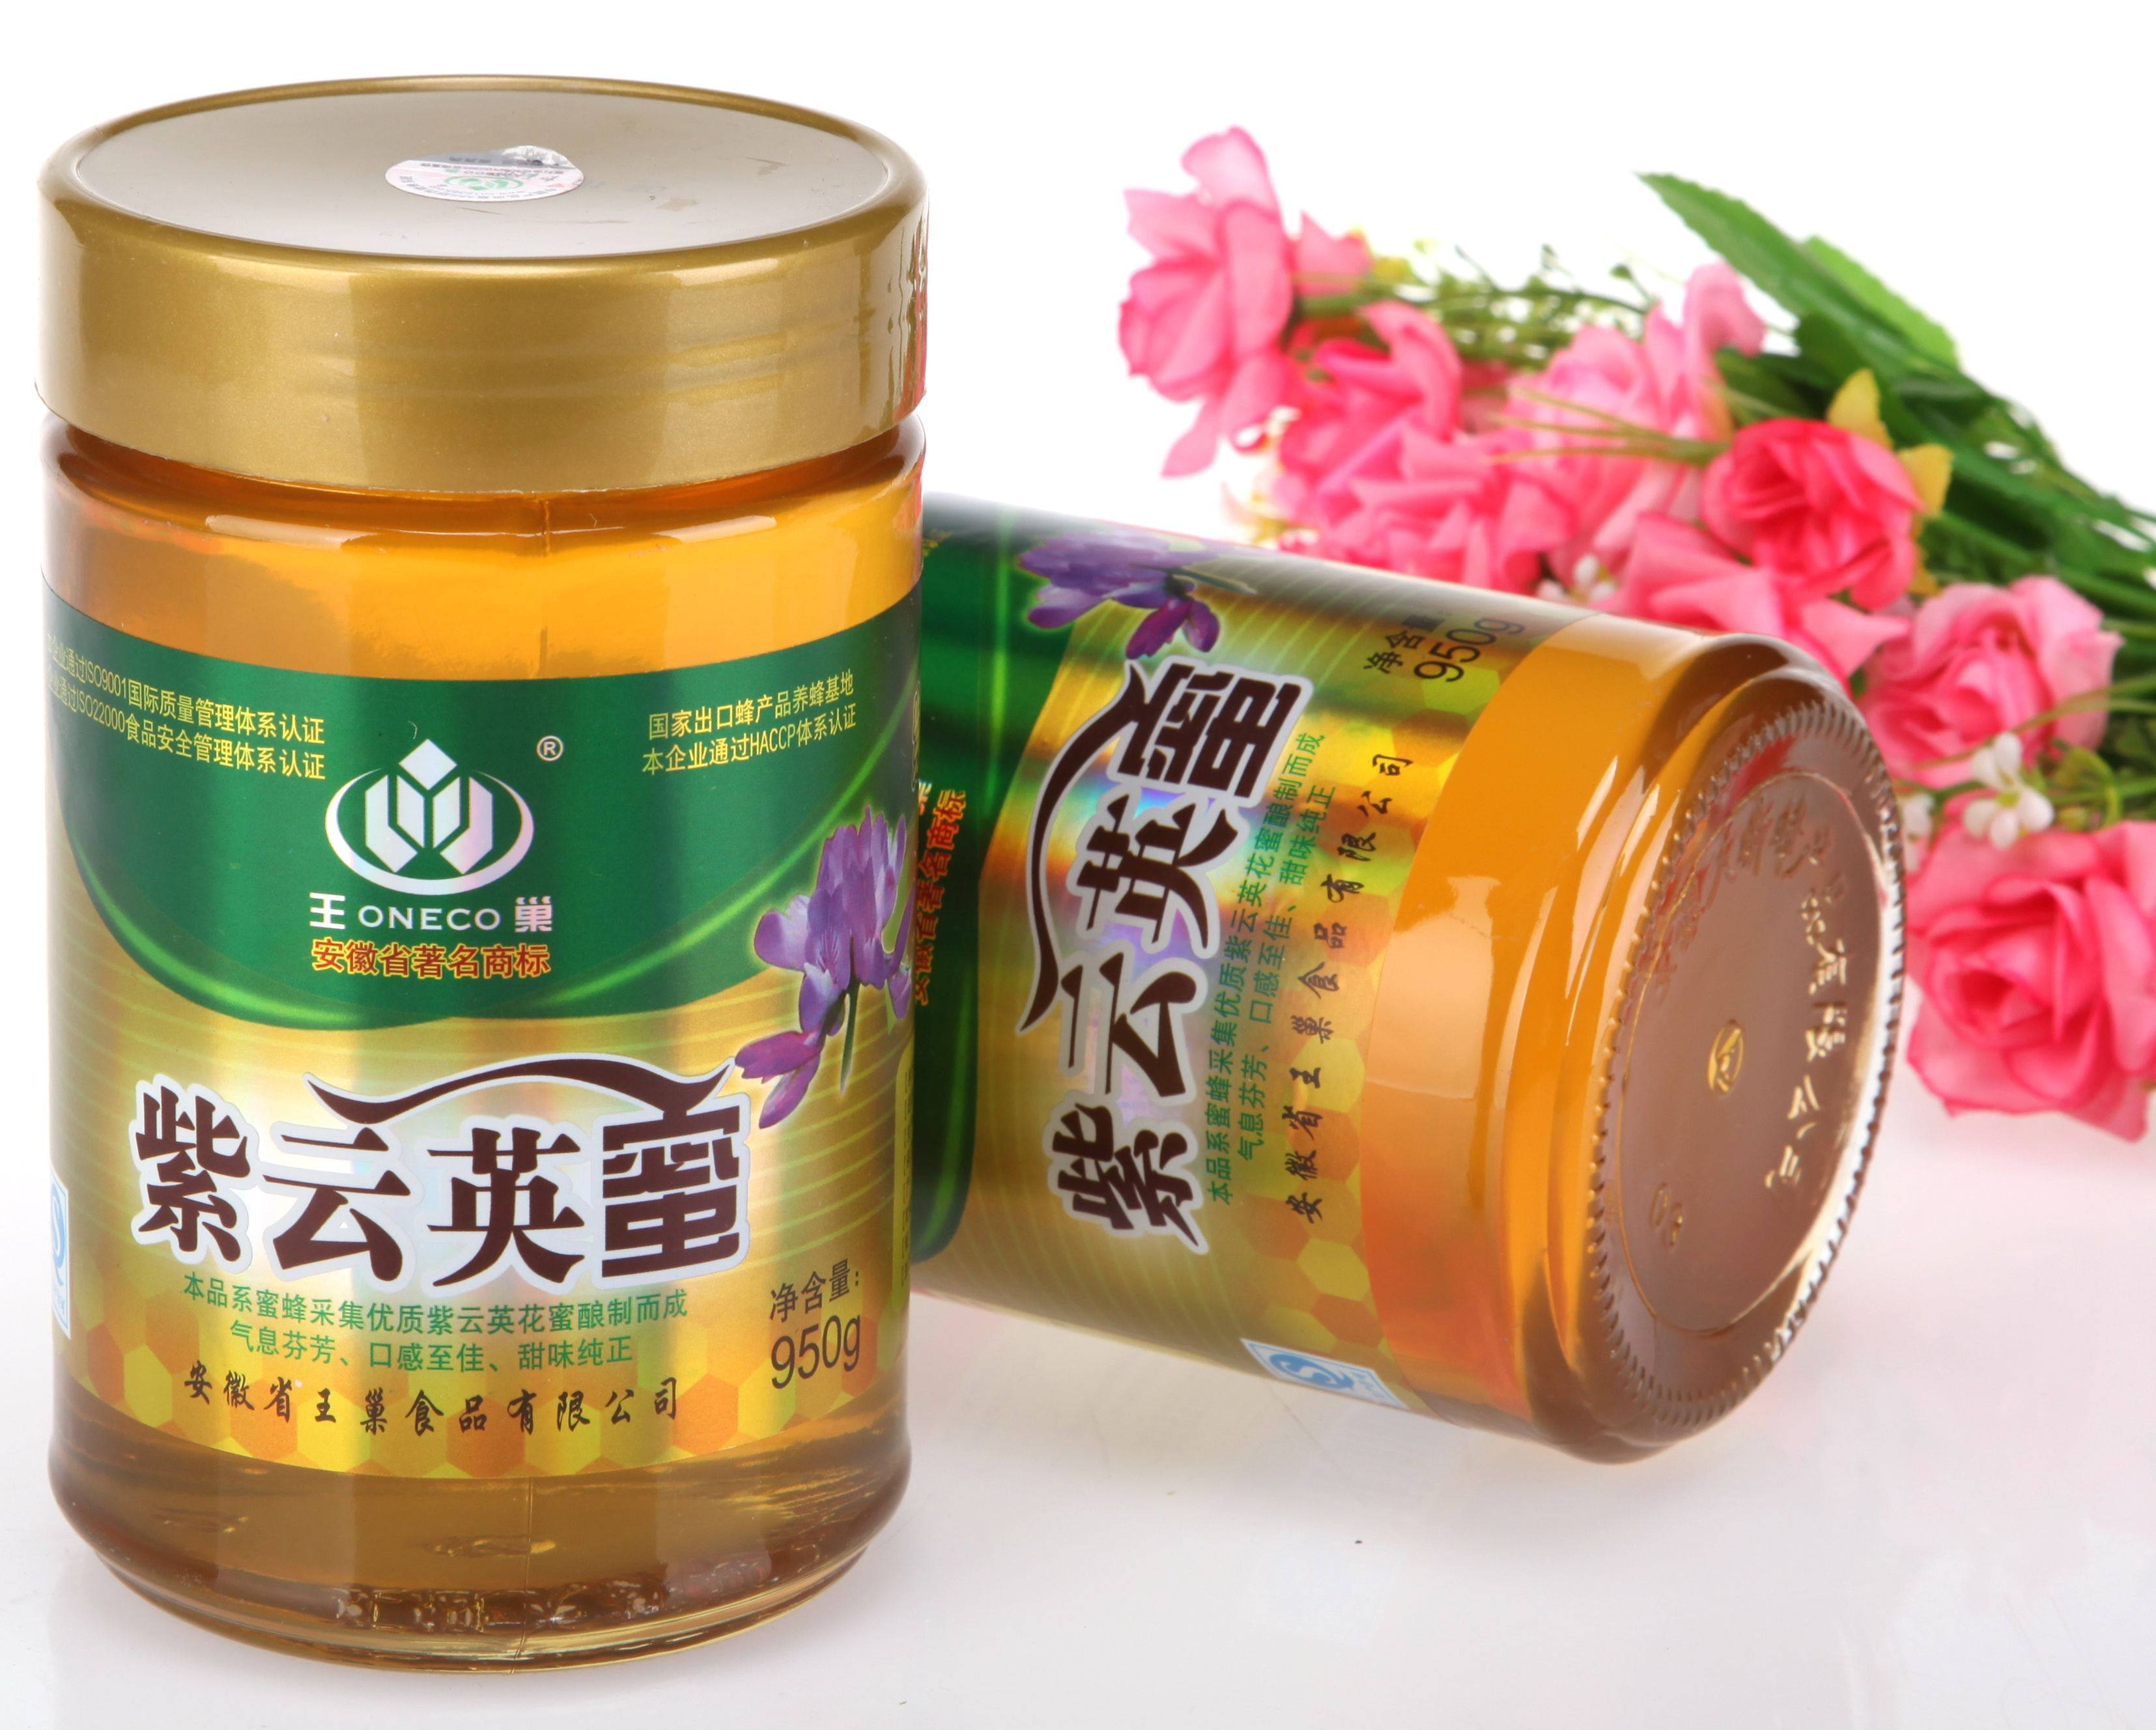 王巢  紫云英蜂蜜 950克 瓶装